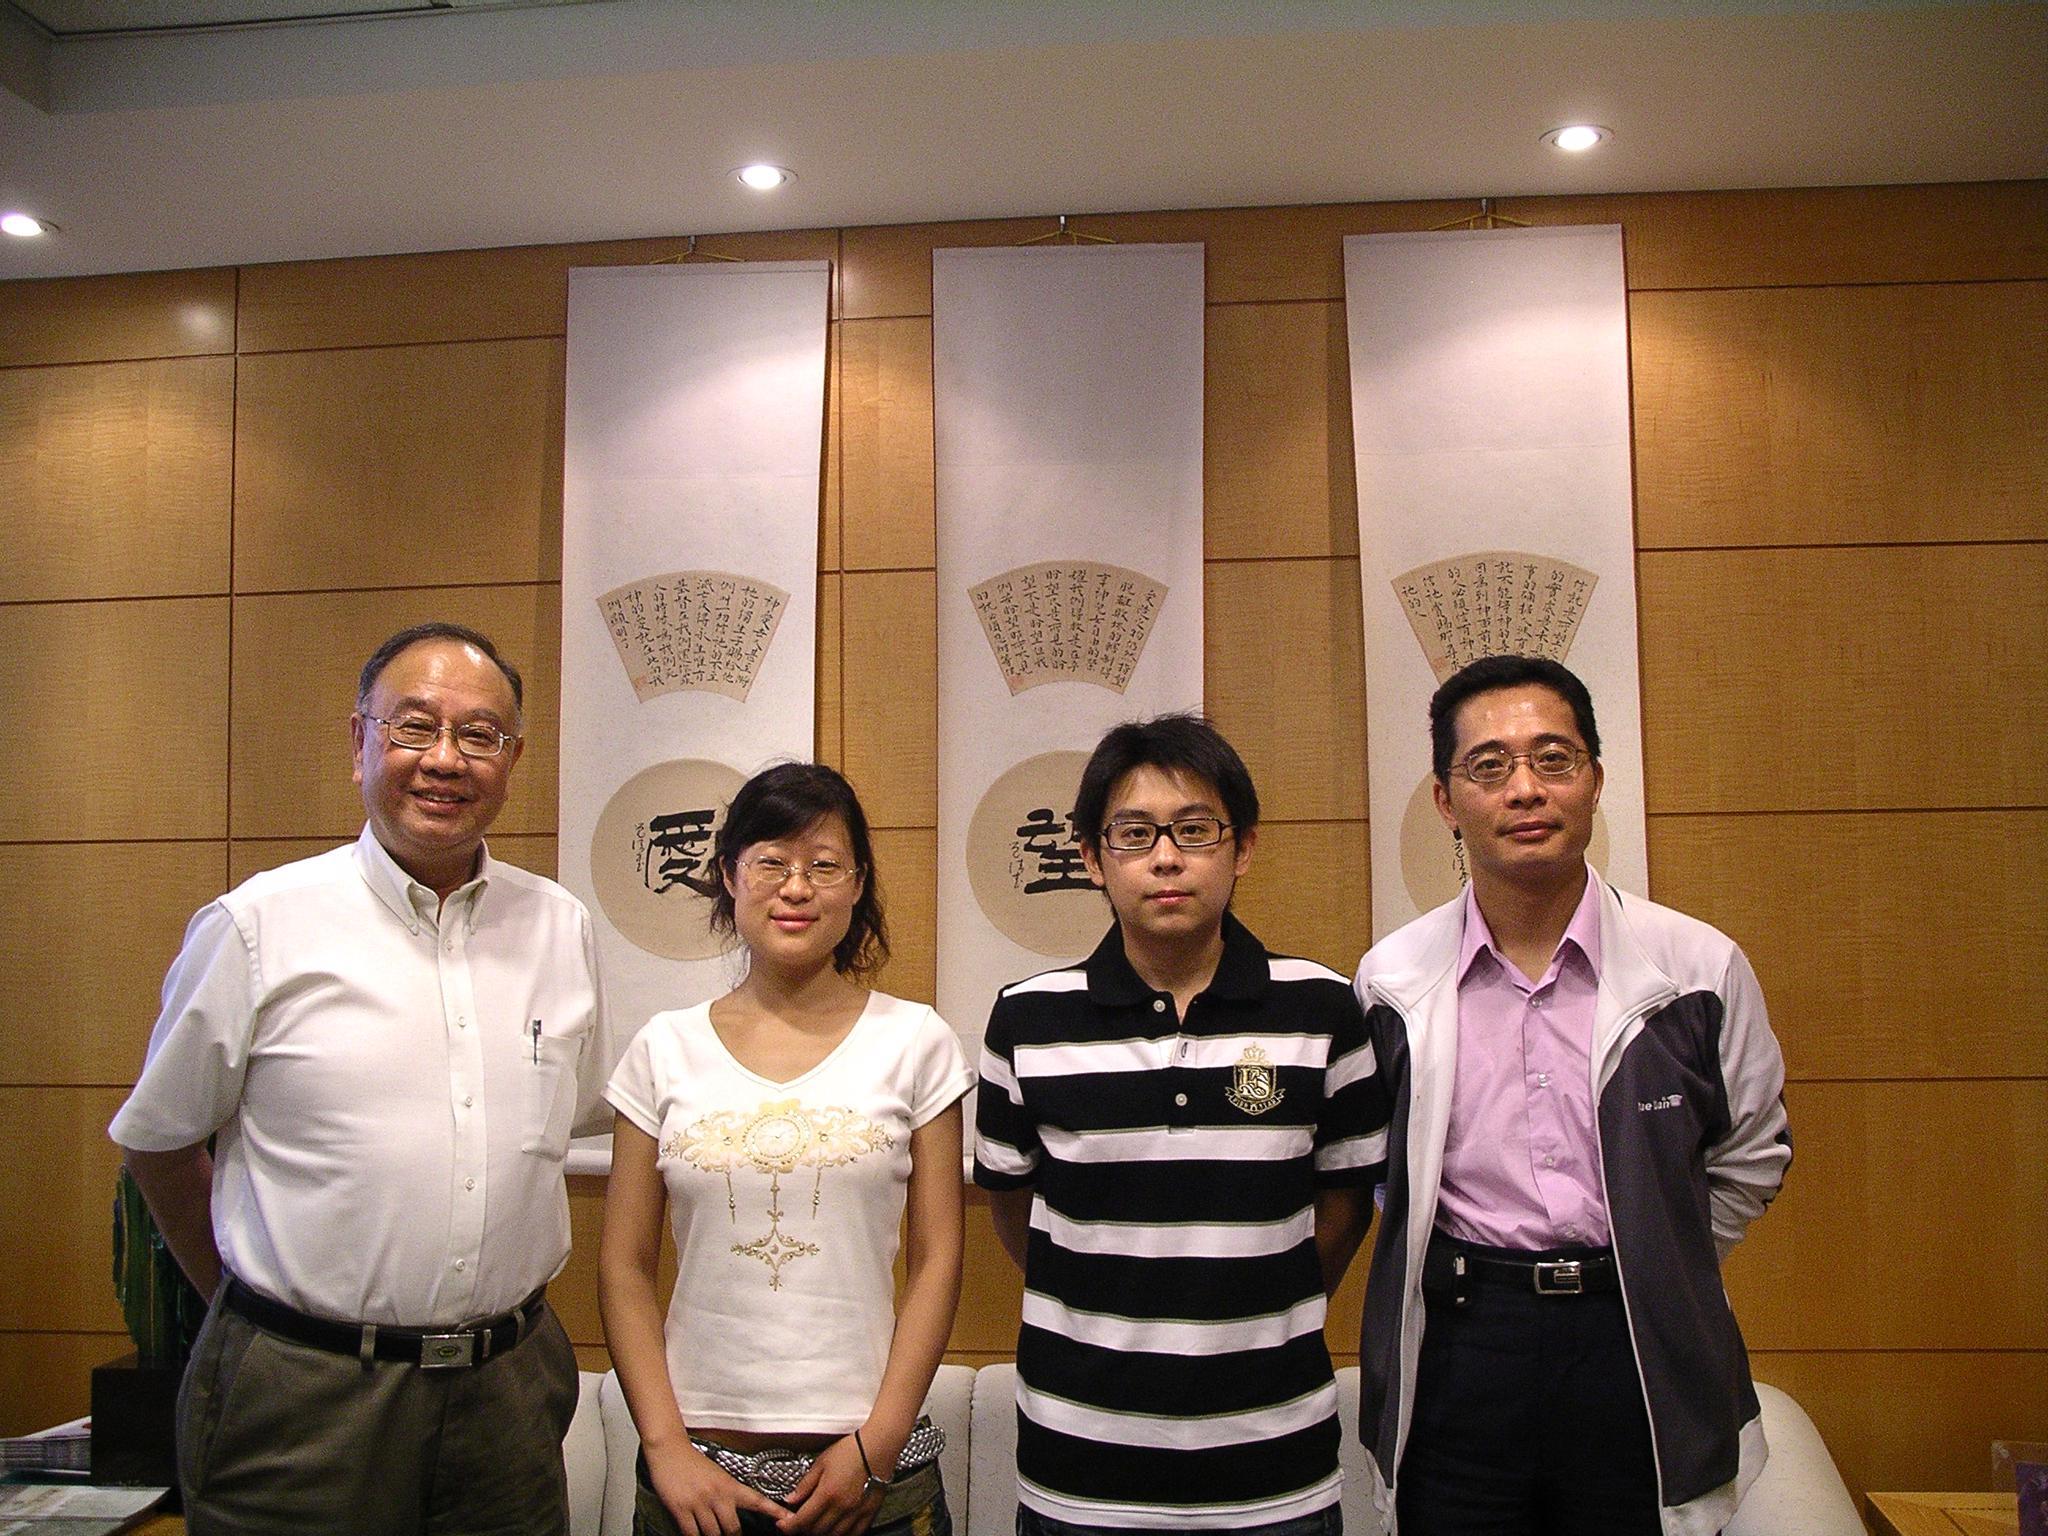 中原大學與北京大學開啟交換生計畫 合作提升研究成果